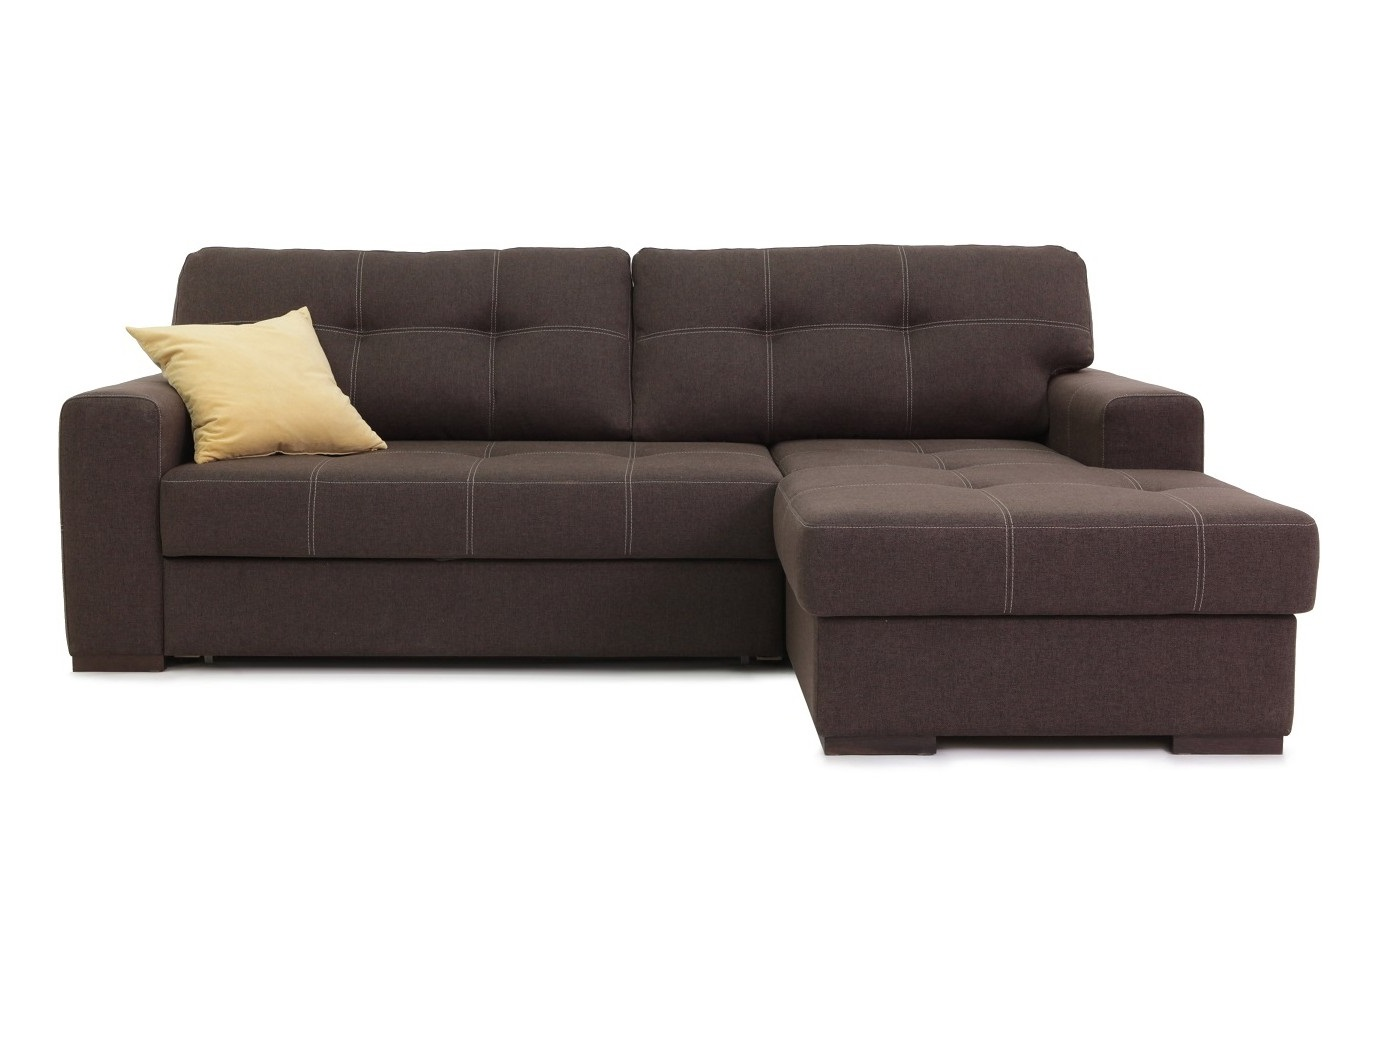 Диван БарниУгловые раскладные диваны<br>Угловой диван &amp;quot;Барни&amp;quot; создан для полноценного комфортного отдыха как днем, так и ночью! Оригинальная простота и строгость форм подчеркнут практически любой интерьер и добавят ему изысканный вид! А широкая и удобная оттоманка позволит расслабится и вытянуть ноги после тяжелого, рабочего дня!&amp;amp;nbsp;&amp;lt;div&amp;gt;&amp;lt;br&amp;gt;&amp;lt;/div&amp;gt;&amp;lt;div&amp;gt;Декоративные подушки в комплект не входят.&amp;amp;nbsp;&amp;lt;/div&amp;gt;&amp;lt;div&amp;gt;Большой выбор обивочных тканей (подробности уточняйте у менеджера).&amp;lt;/div&amp;gt;<br><br>Material: Текстиль<br>Ширина см: 249<br>Высота см: 95<br>Глубина см: 177